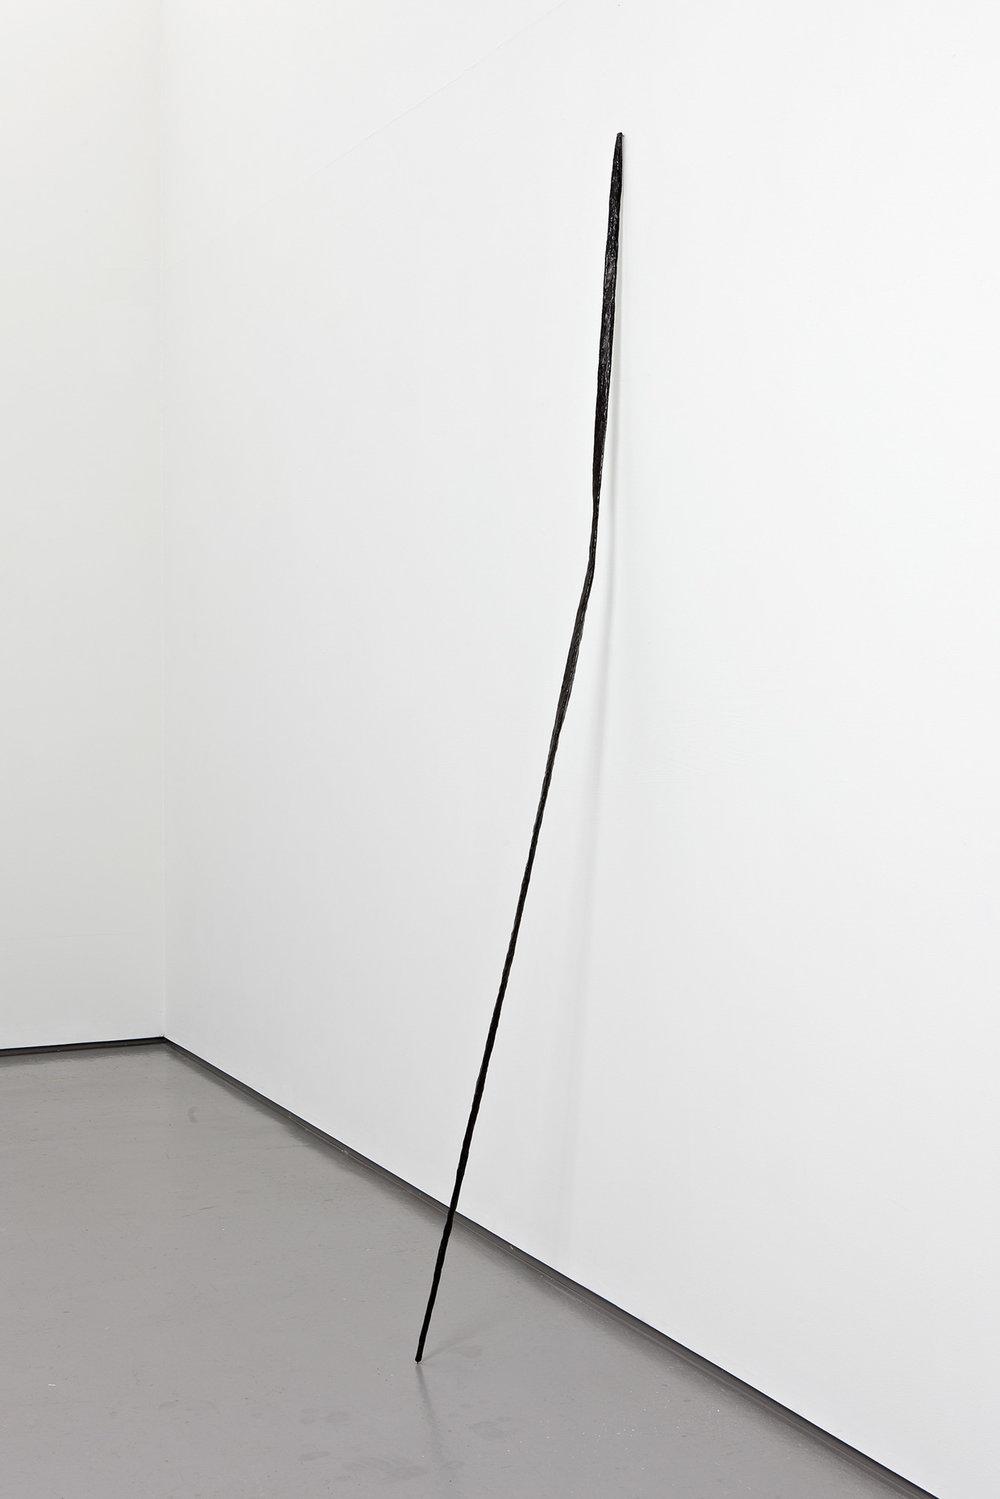 Sculpture V, 2006